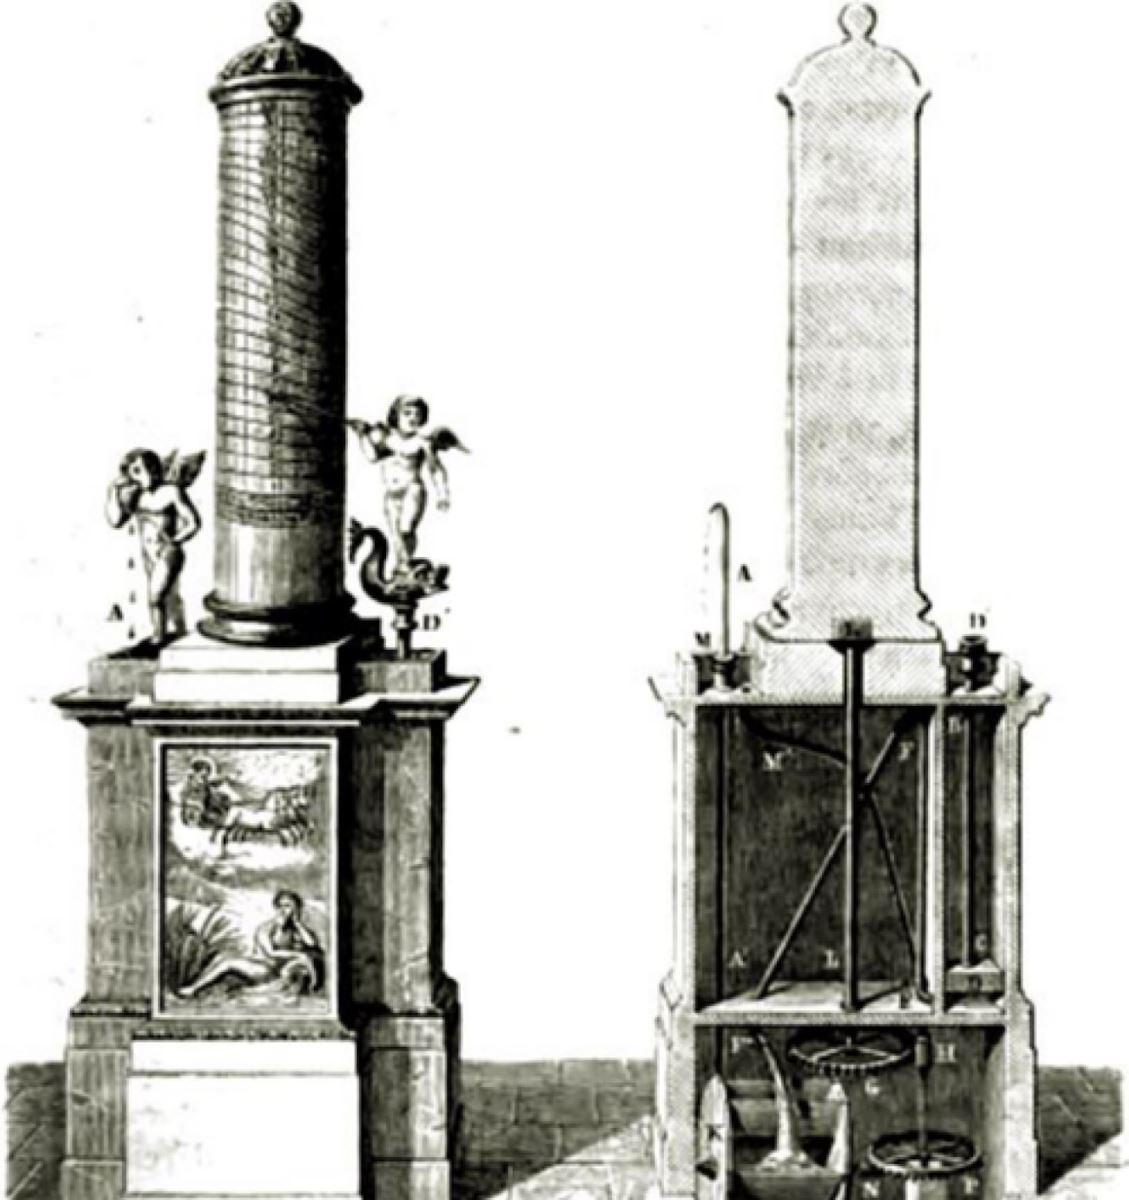 Hình minh họa đồng hồ nước của Ctesibius (285-220 TCN)